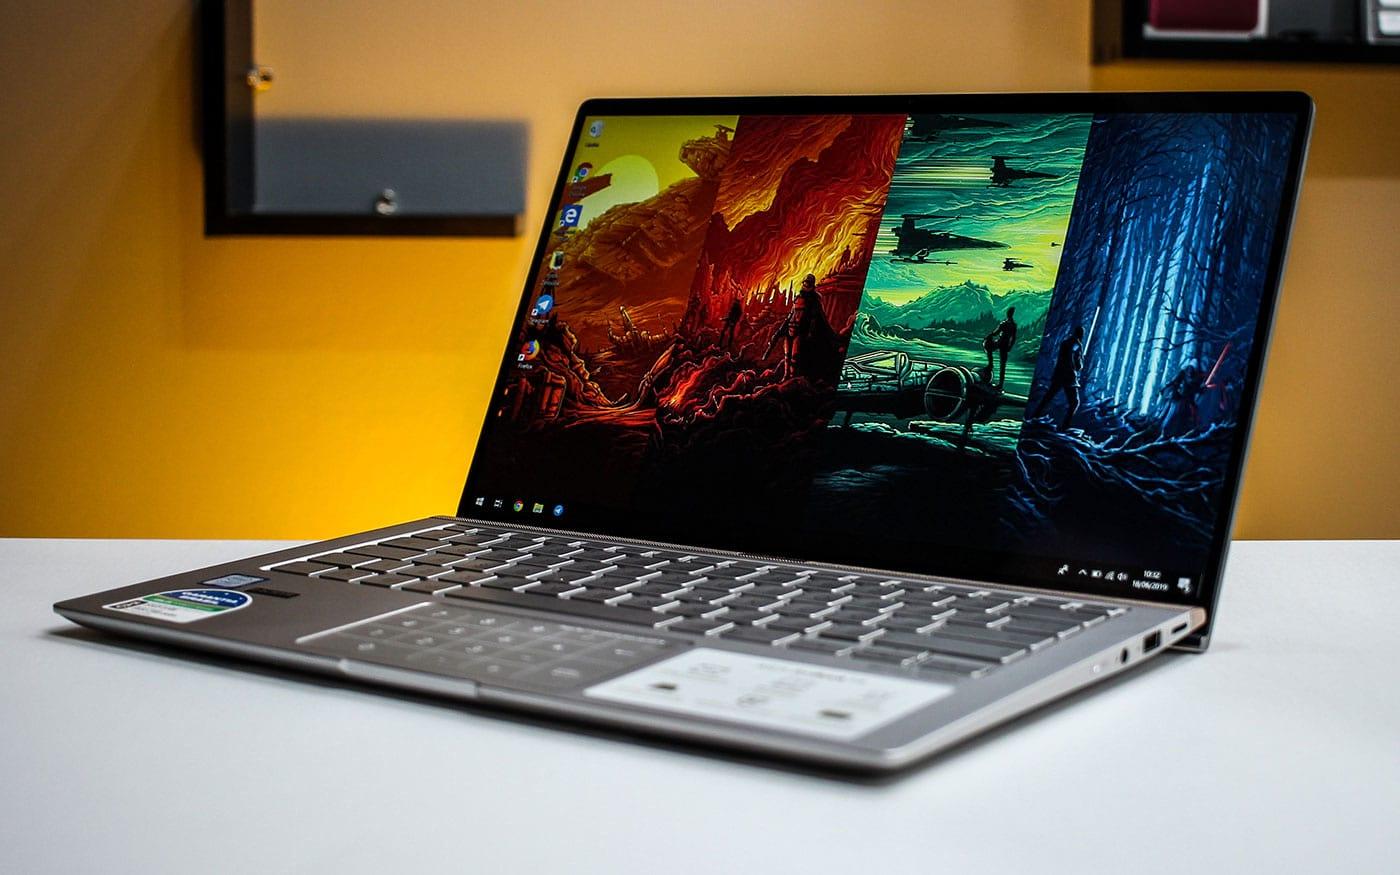 Notebook ASUS Zenbook 14 com SSD NVMe, 8GB de RAM chega ao Brasil por R$ 5899